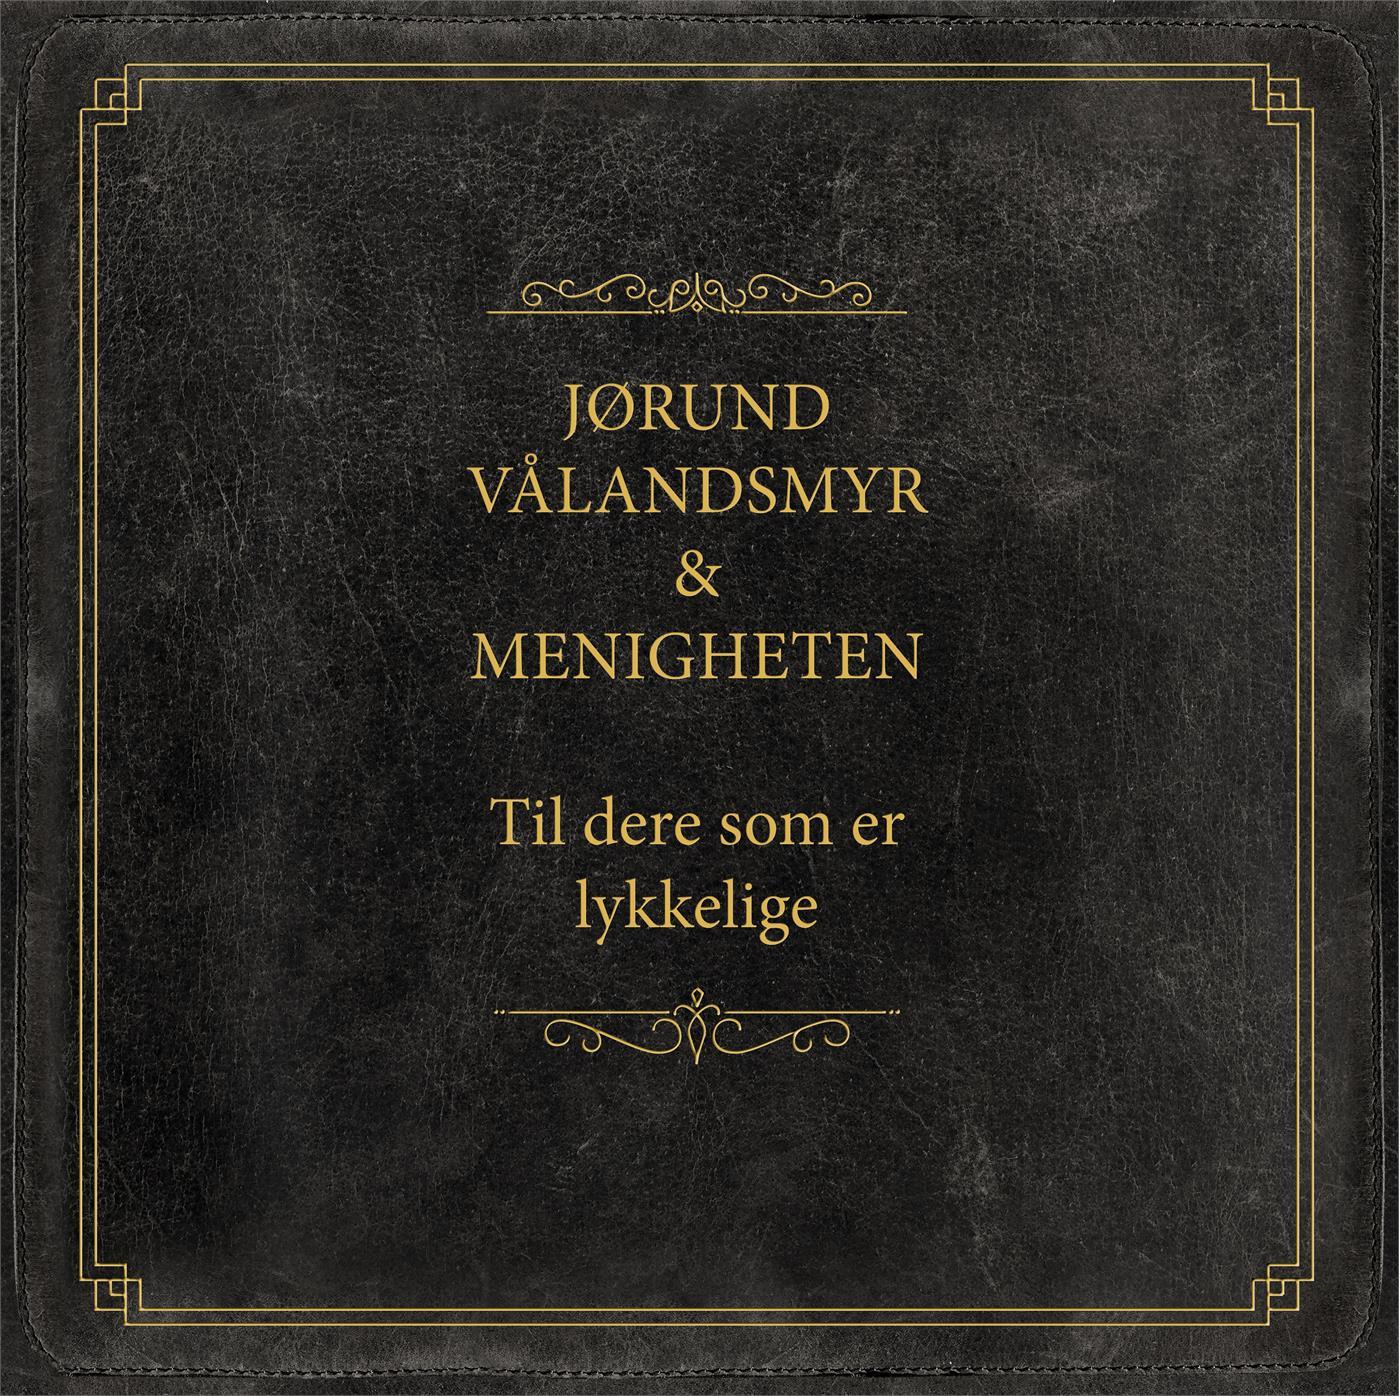 Jørund Vålandsmyr Og Menigheten - Til Dere Som Er Lykkelige [LTD LP] (Gold vinyl)